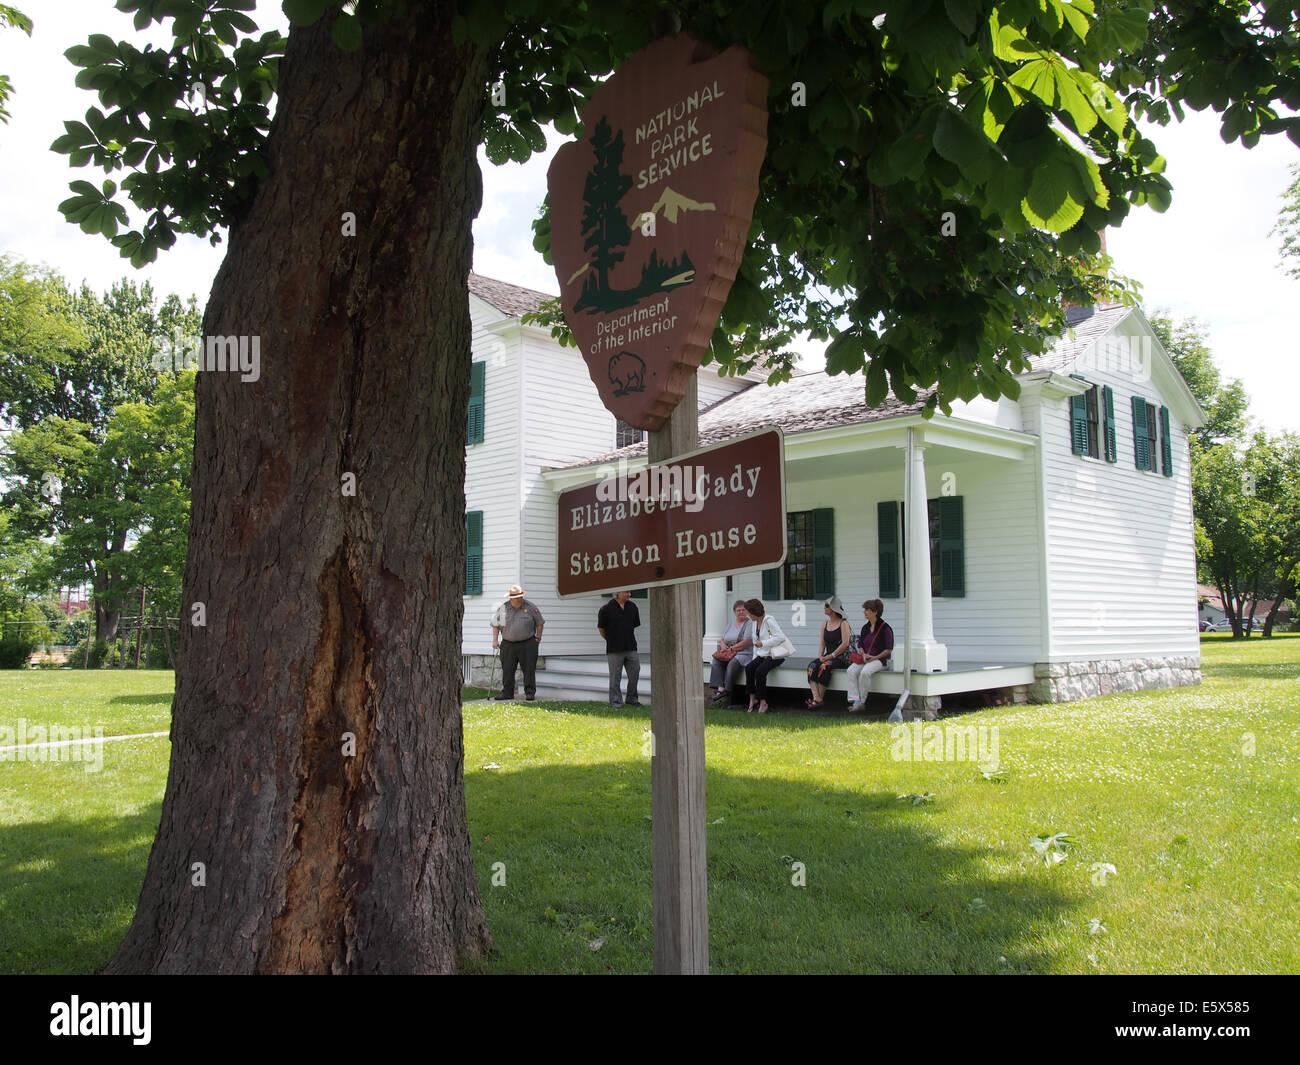 Park Ranger, die Durchführung der Tour von Elizabeth Cady Stanton House in Seneca Falls, NY, USA, 15. Juni Stockbild